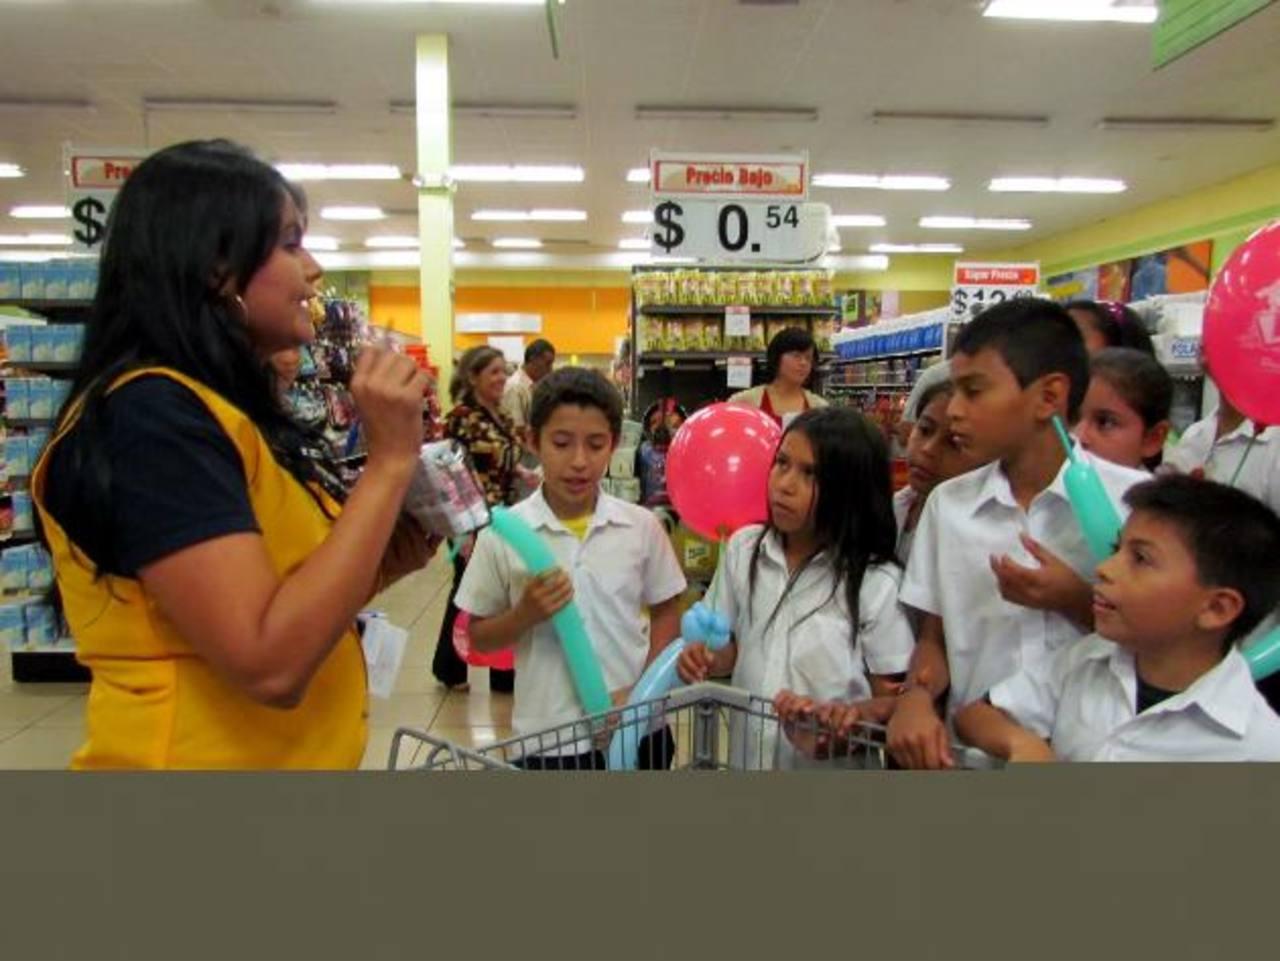 Los alumnos aprendieron cómo se distribuyen los productos en un supermercado. foto edh / MAURICIO GUEVARA